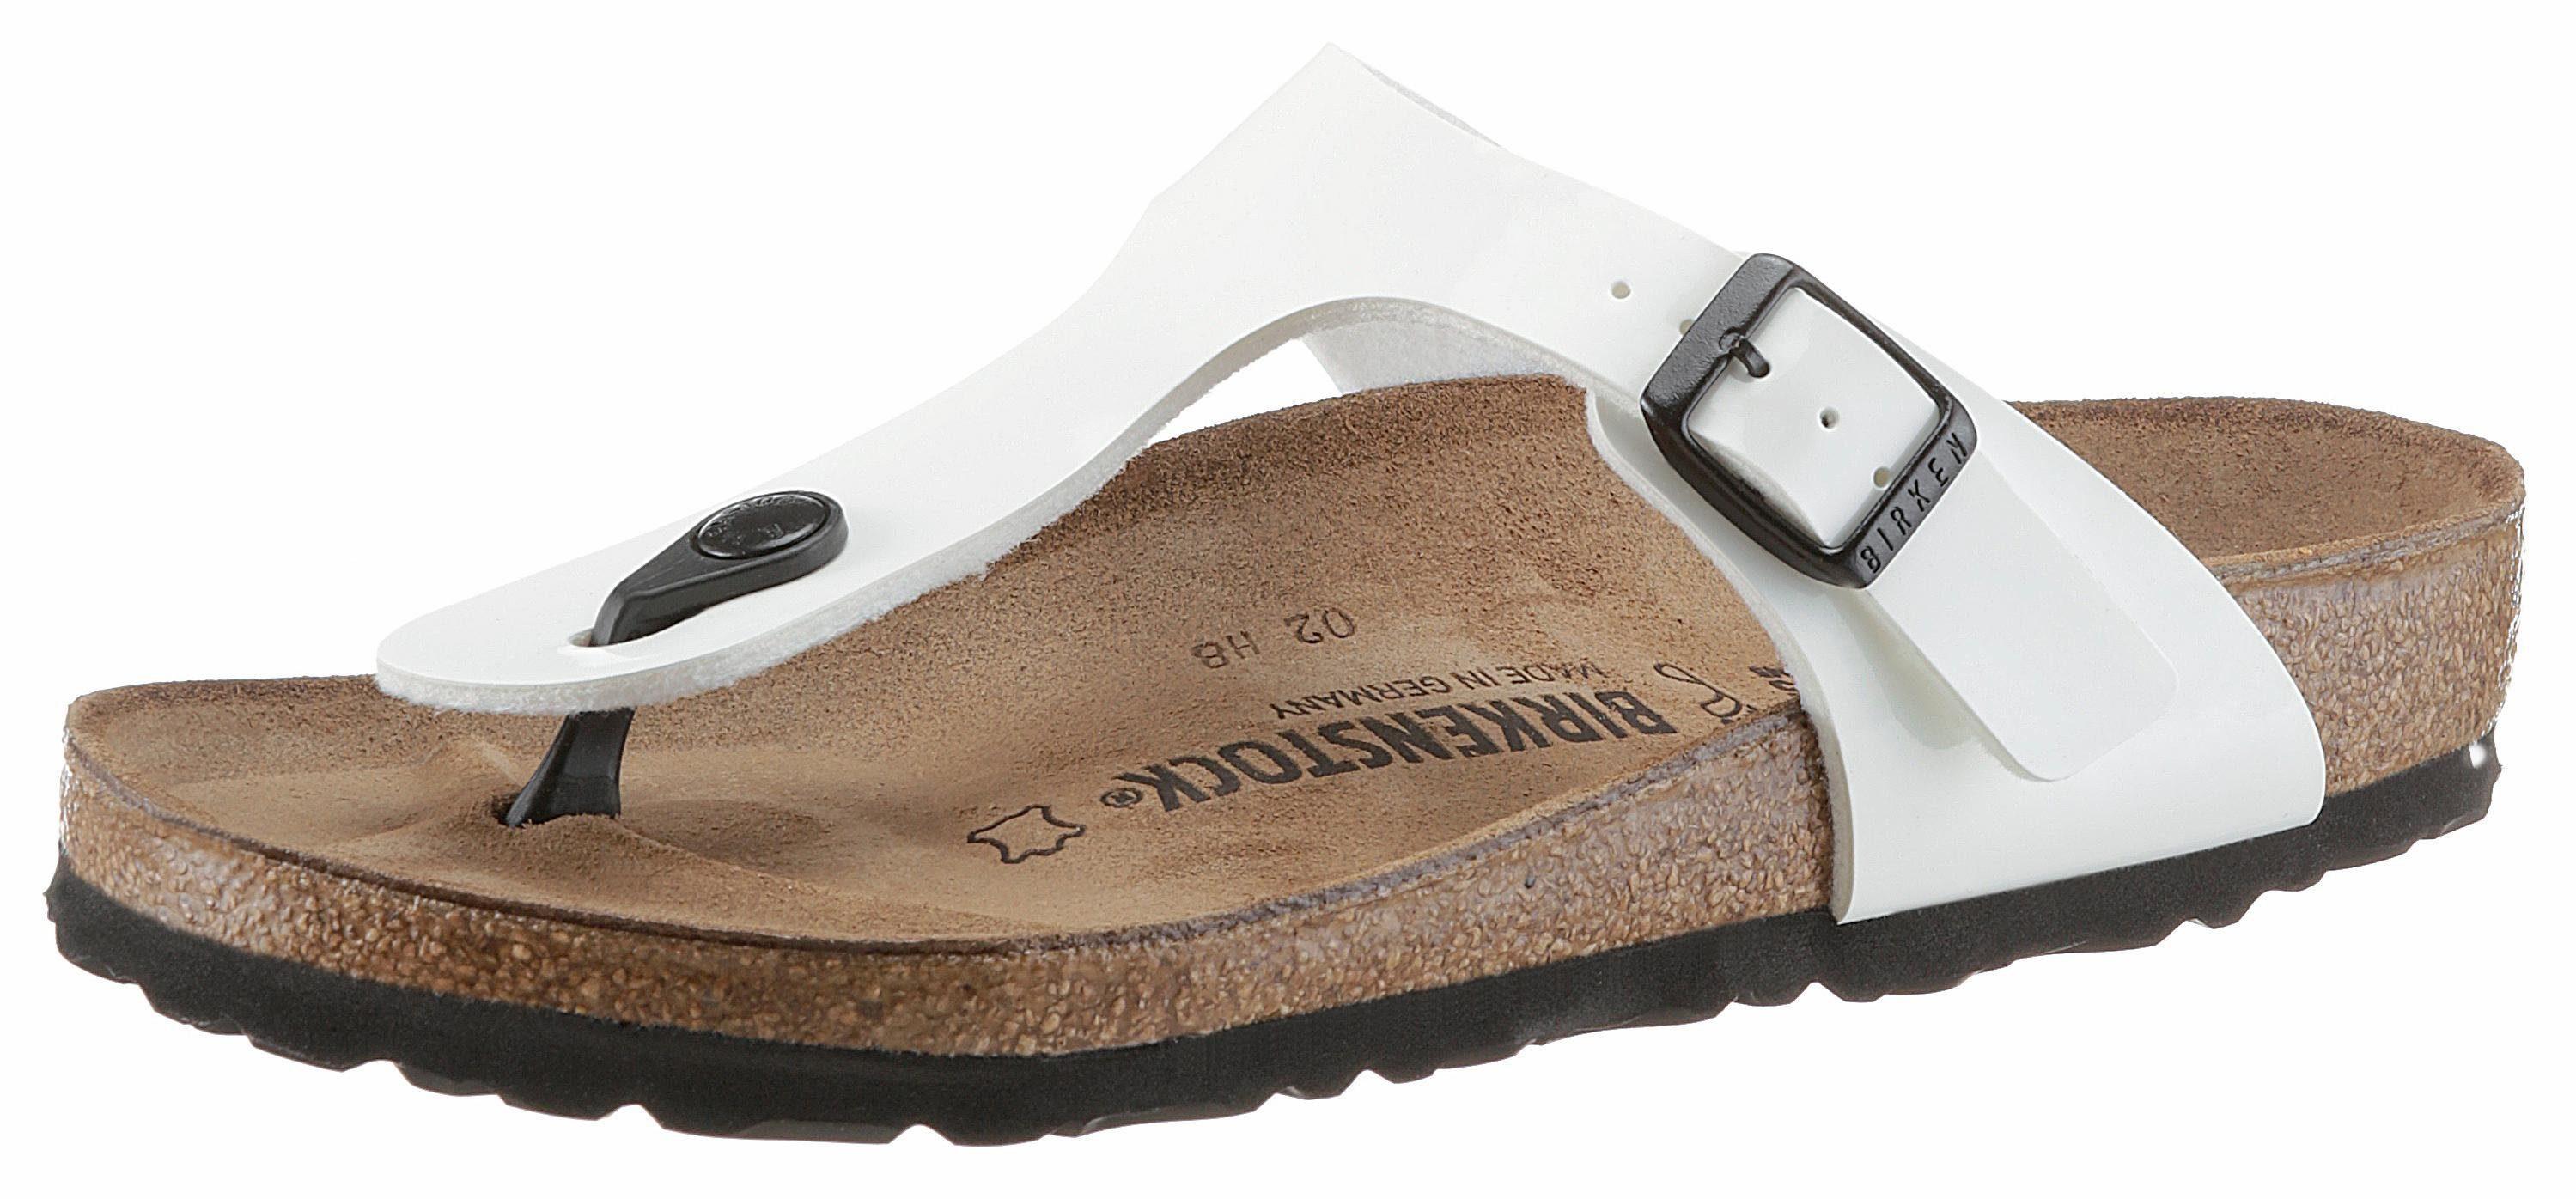 Sandale Birkenstock « Gizeh » Blanc JuEK5